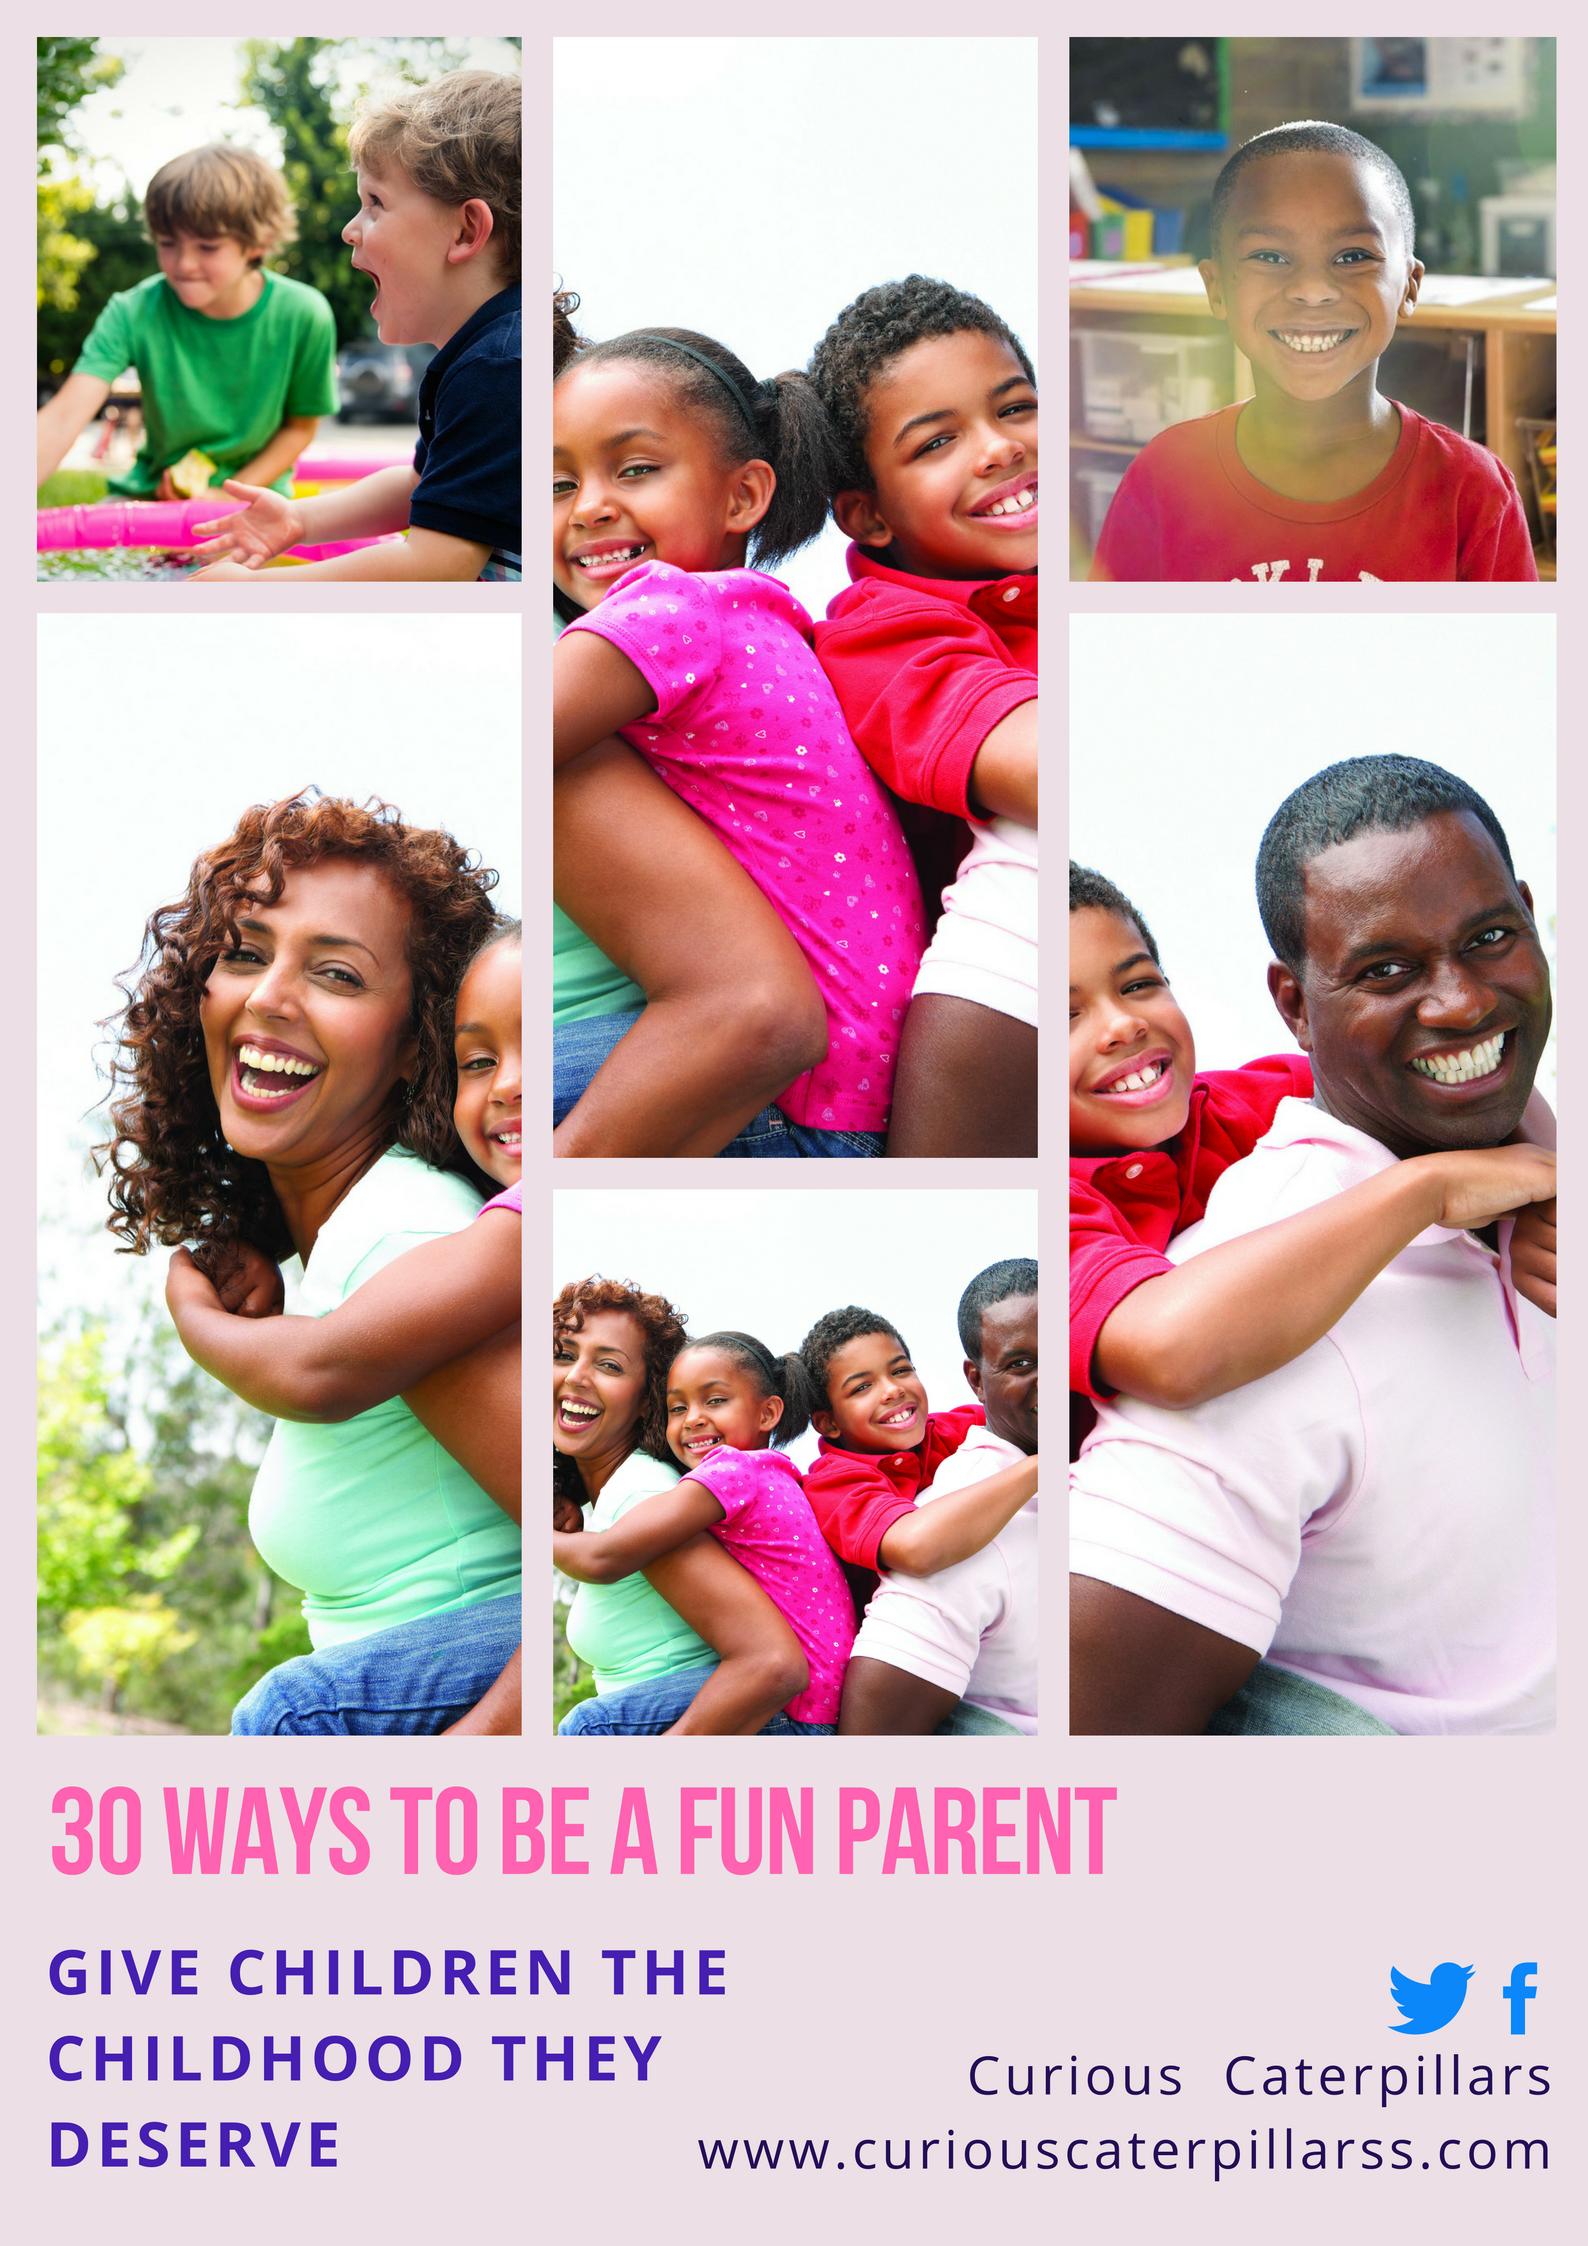 fun playful parents